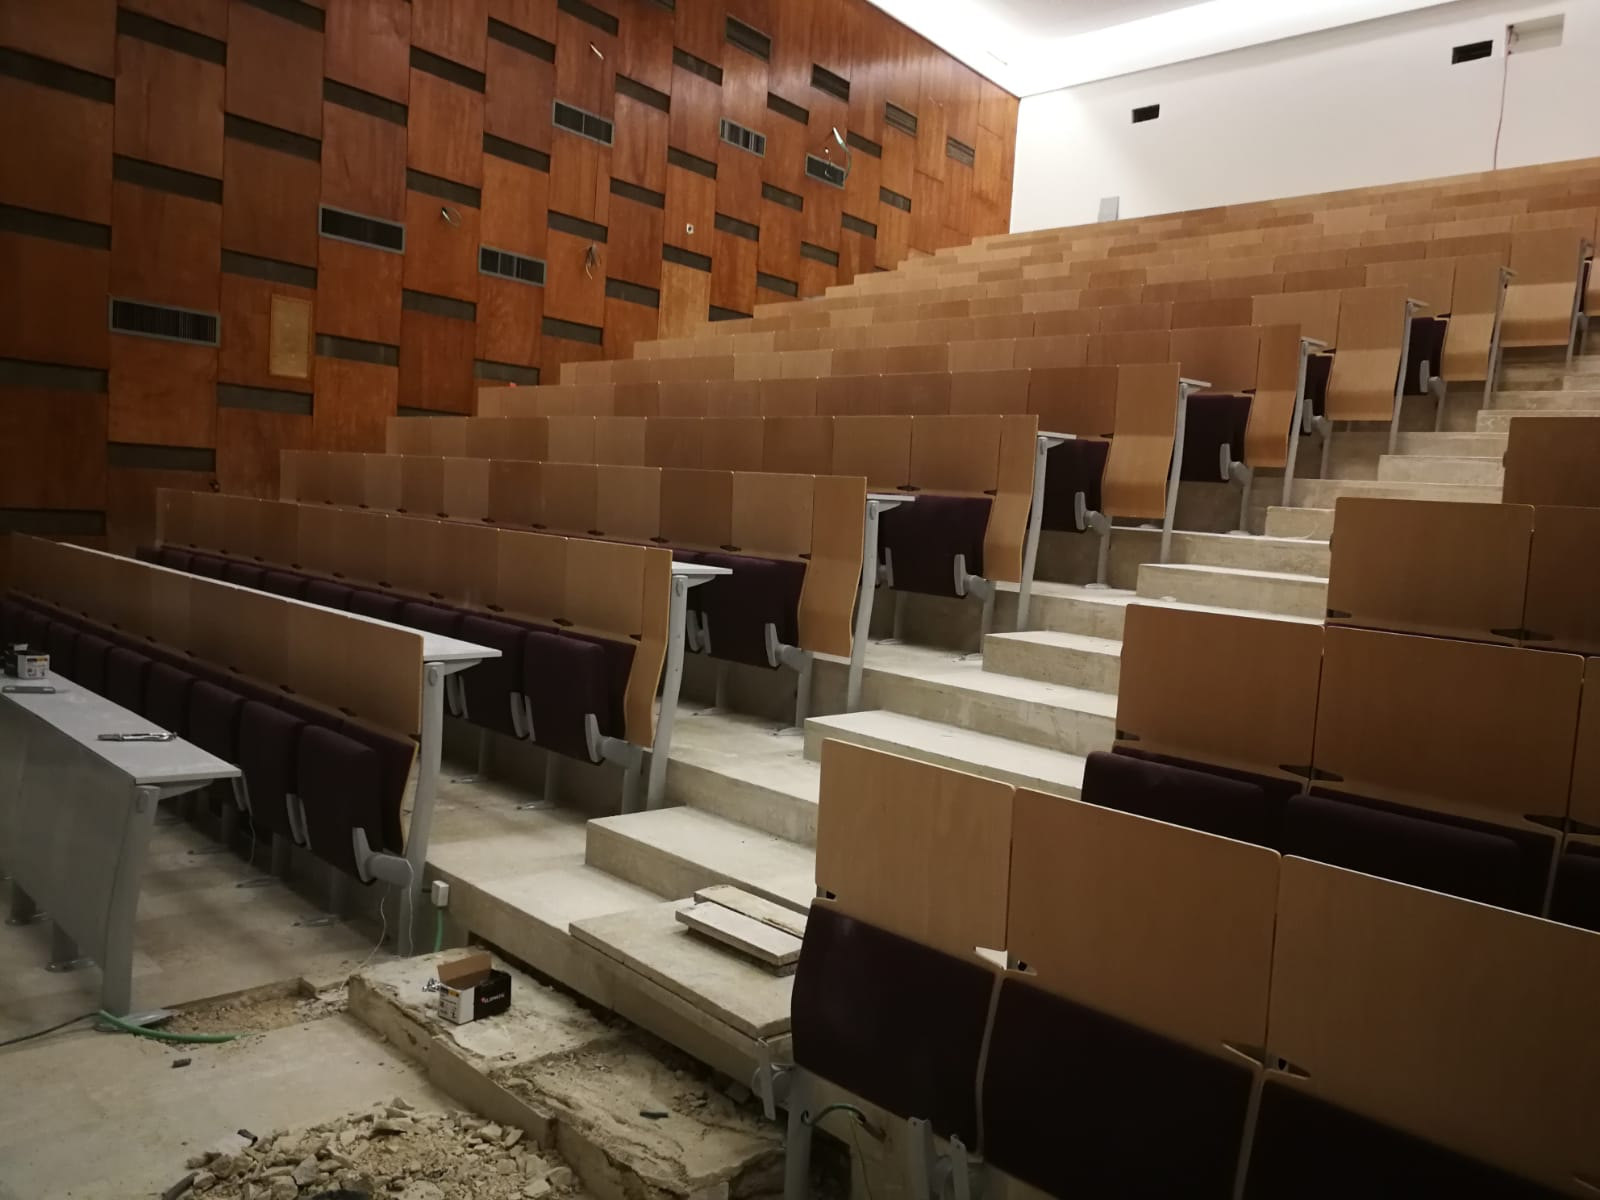 אוניברסיטה העברית אולם לוס אנגלס